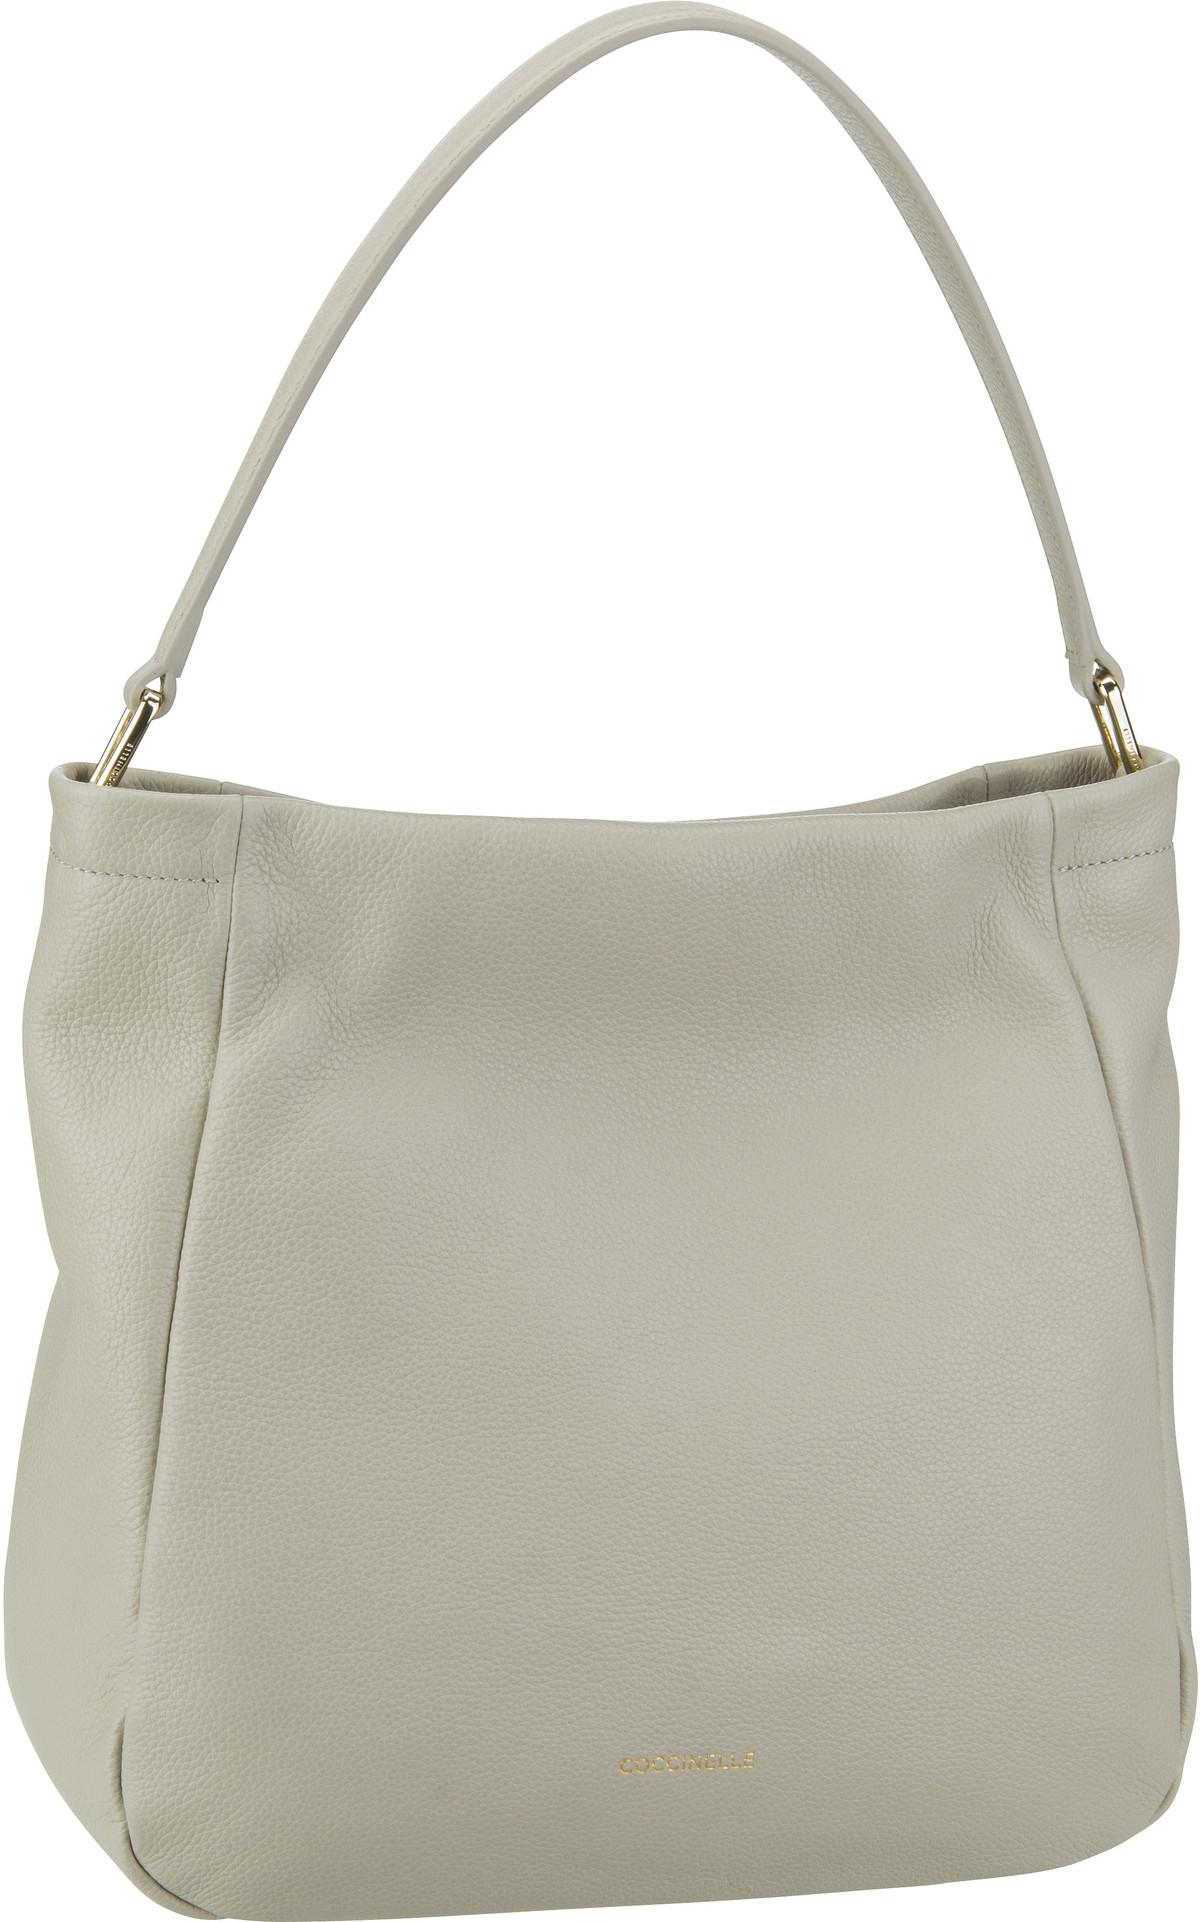 Handtasche Rendez-Vous 1301 Seashell